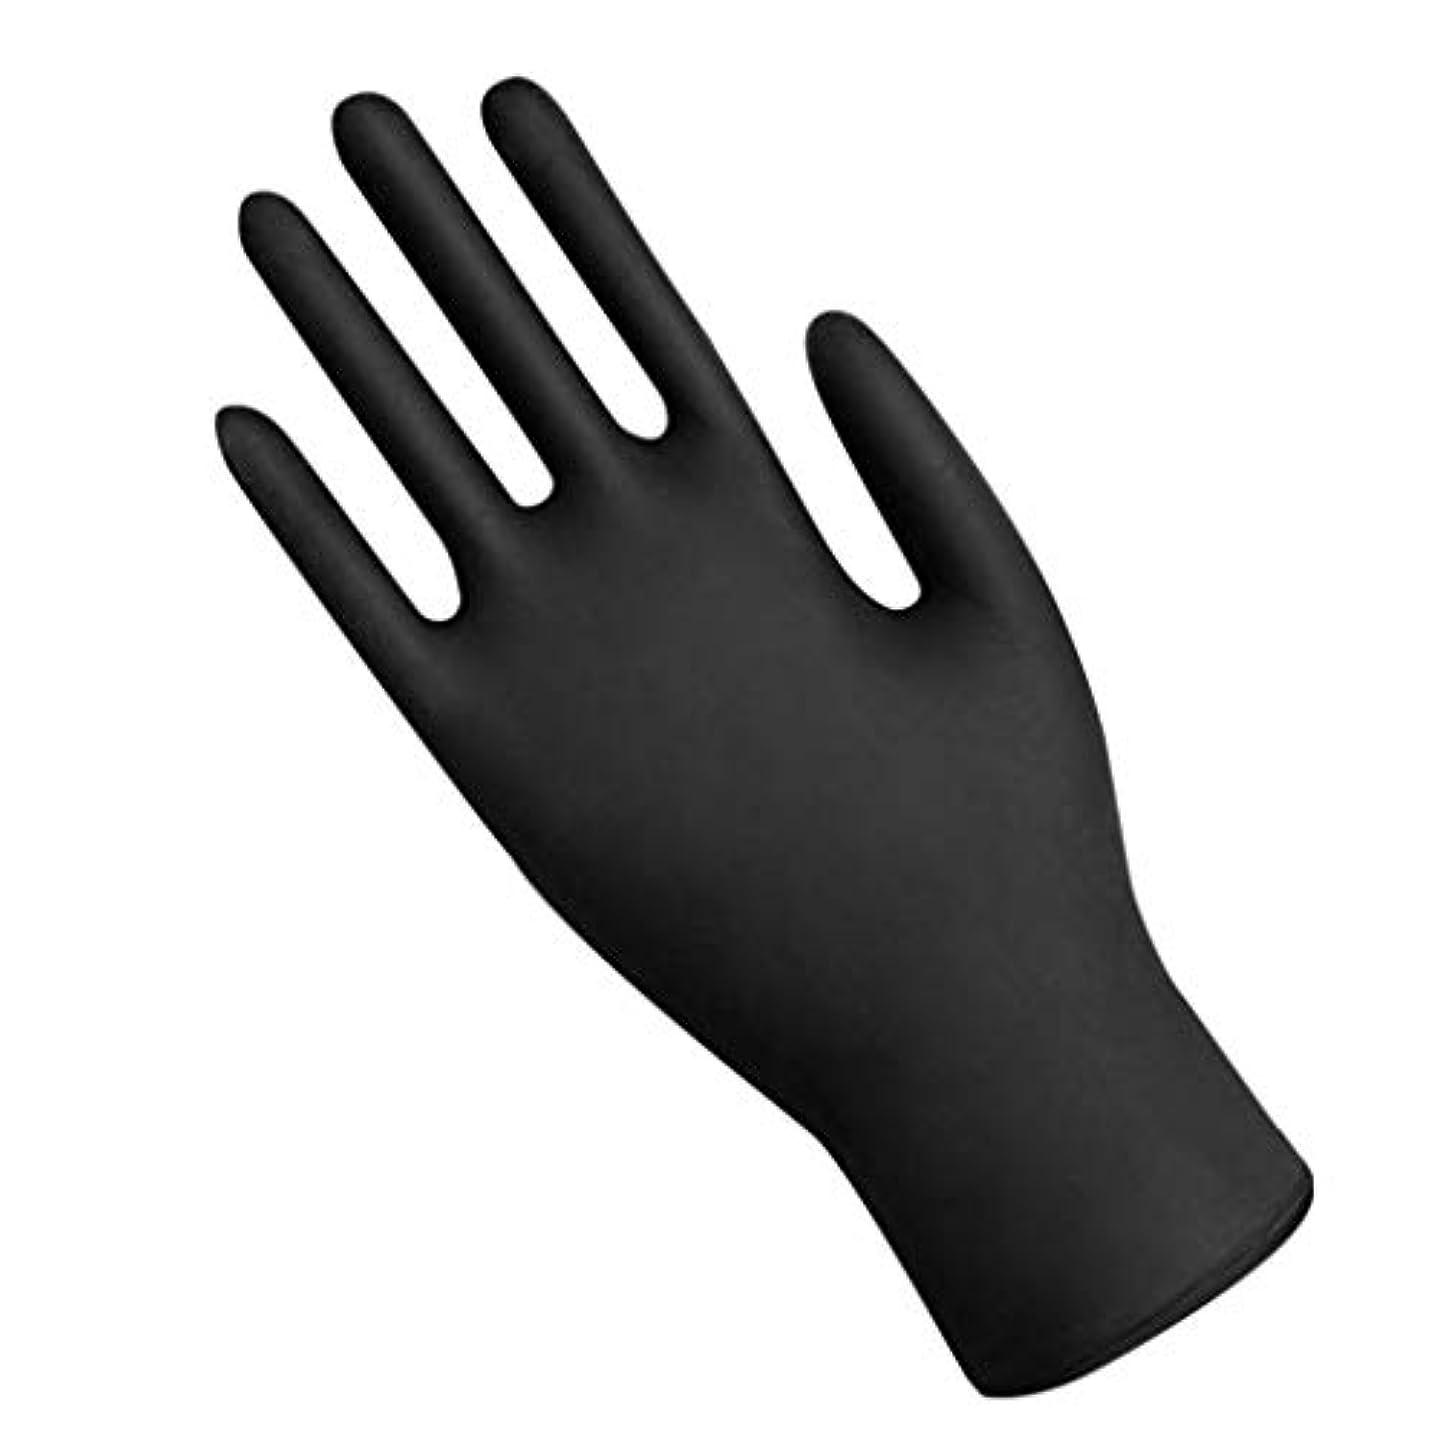 相対サイズ感じ人種Lazayyi 50枚入 シルク手袋 手袋 使い捨て手袋 手荒い 滑りにくい 超弾性 (M, ブラック)